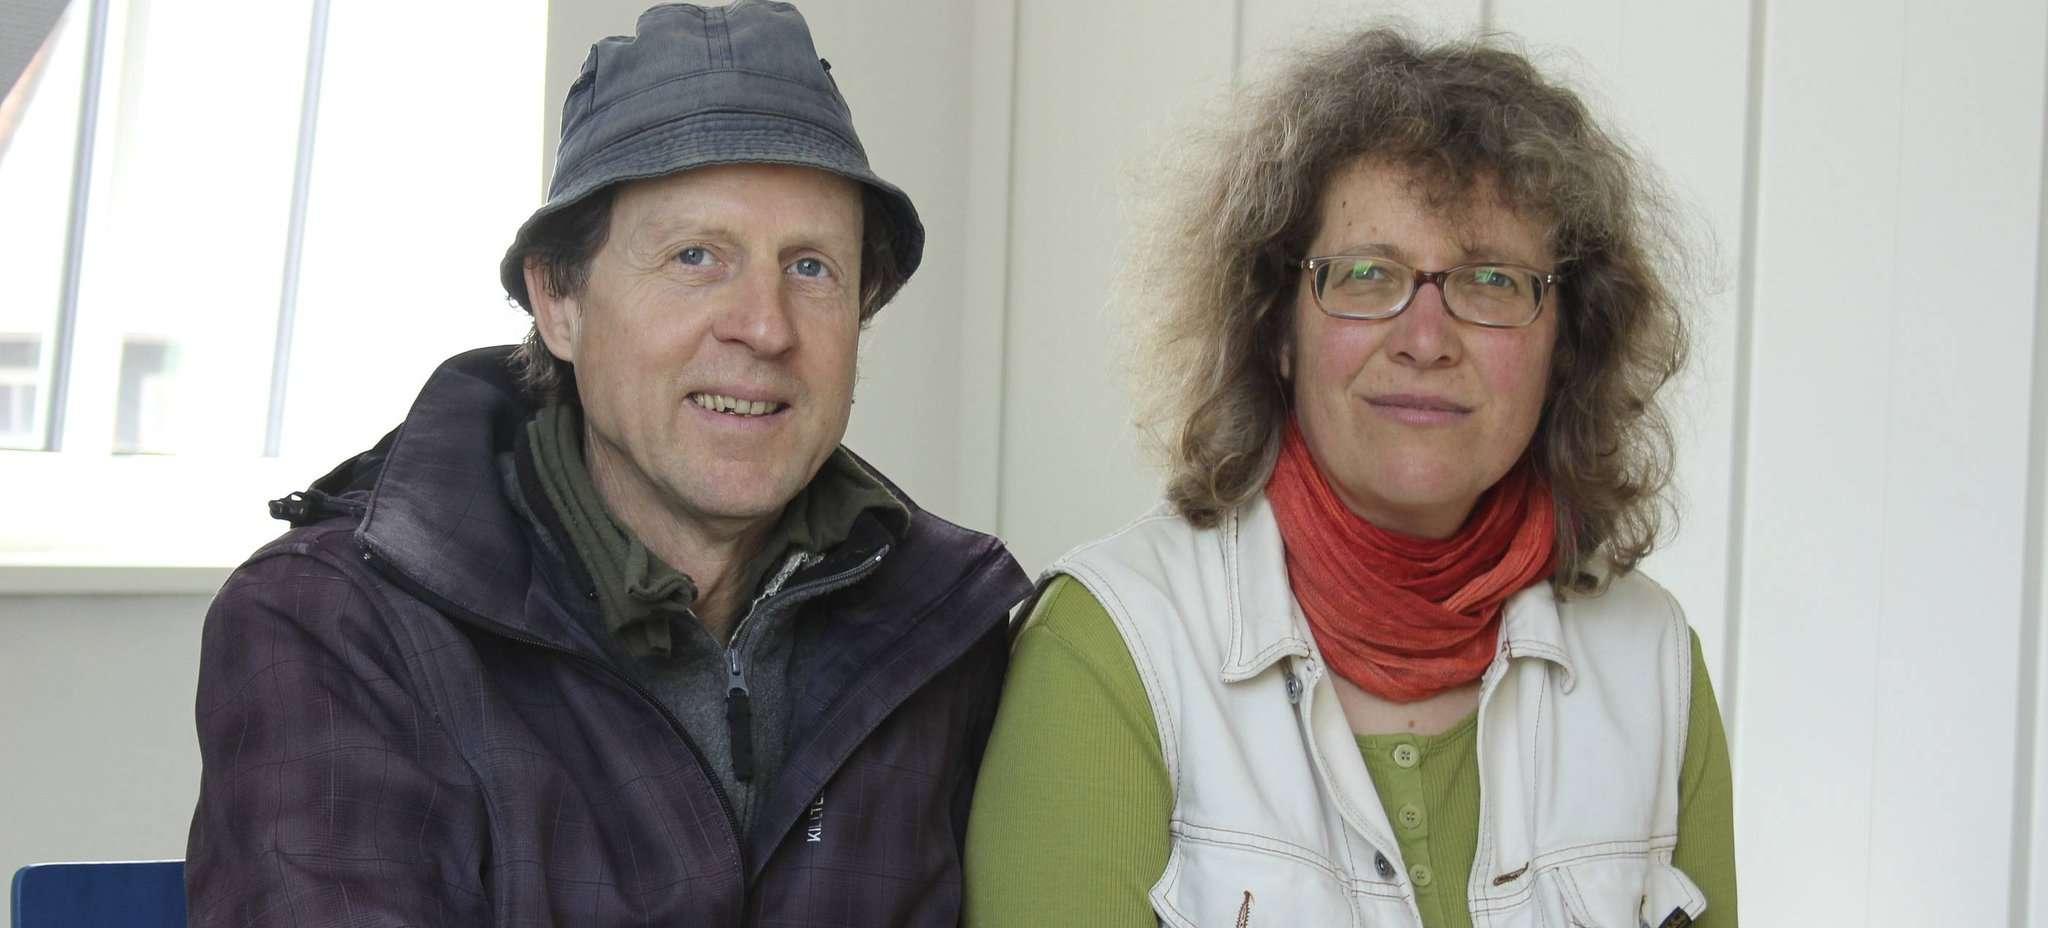 Harald Nöding und Anke Buse sind die Initiatoren der Vorträge zur